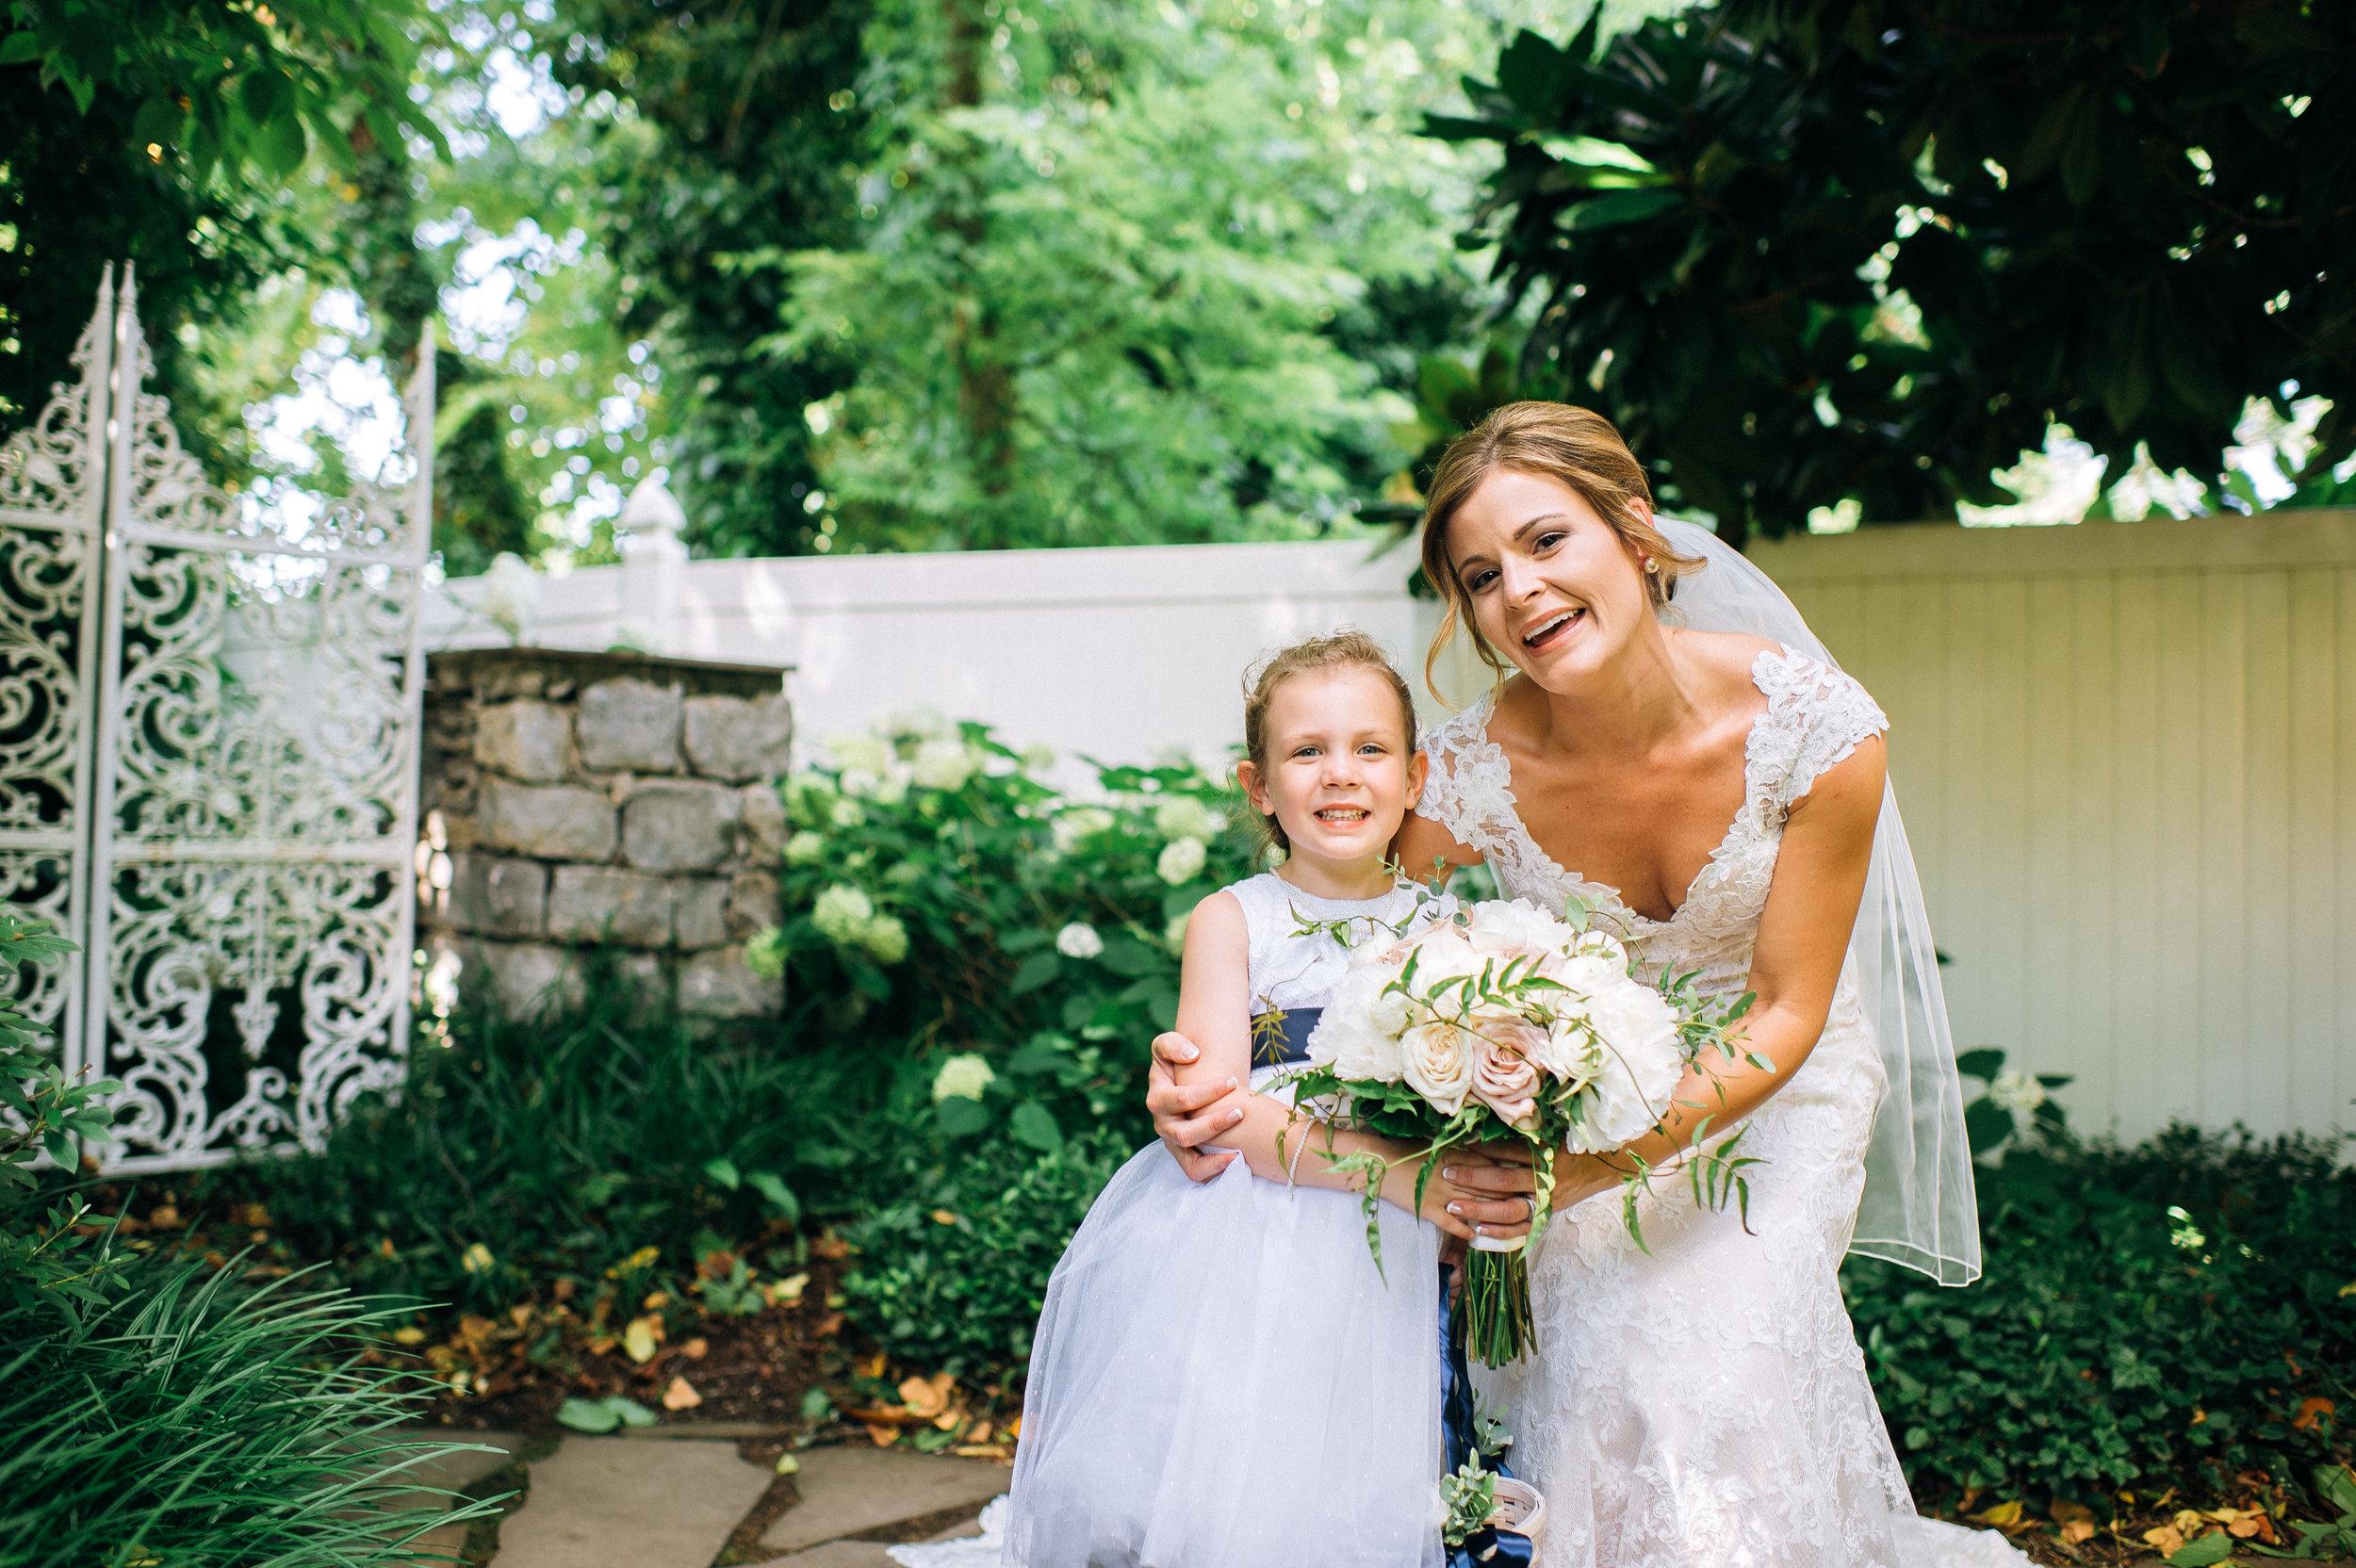 Molly + Vince Nashville Wedding - Details Nashville